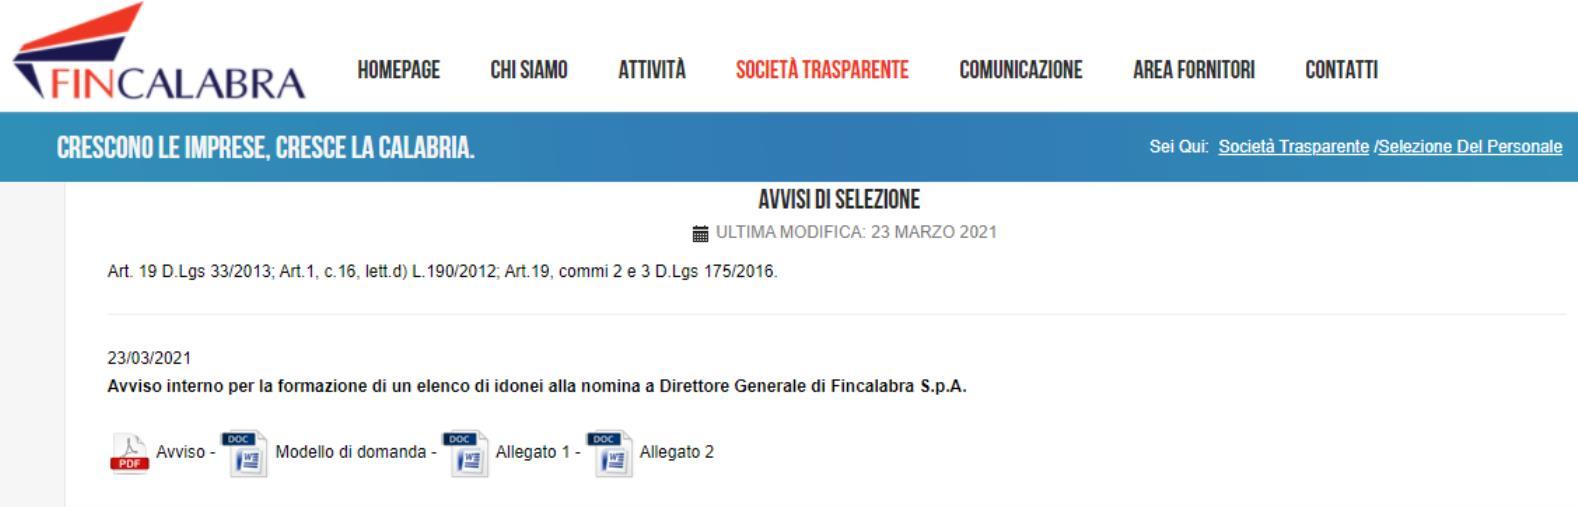 """images Fincalabra. Molinaro (Lega) attacca: """"Avviso anomalo per la nomina del dg"""". E sollecita la commissione vigilanza del consiglio regionale"""